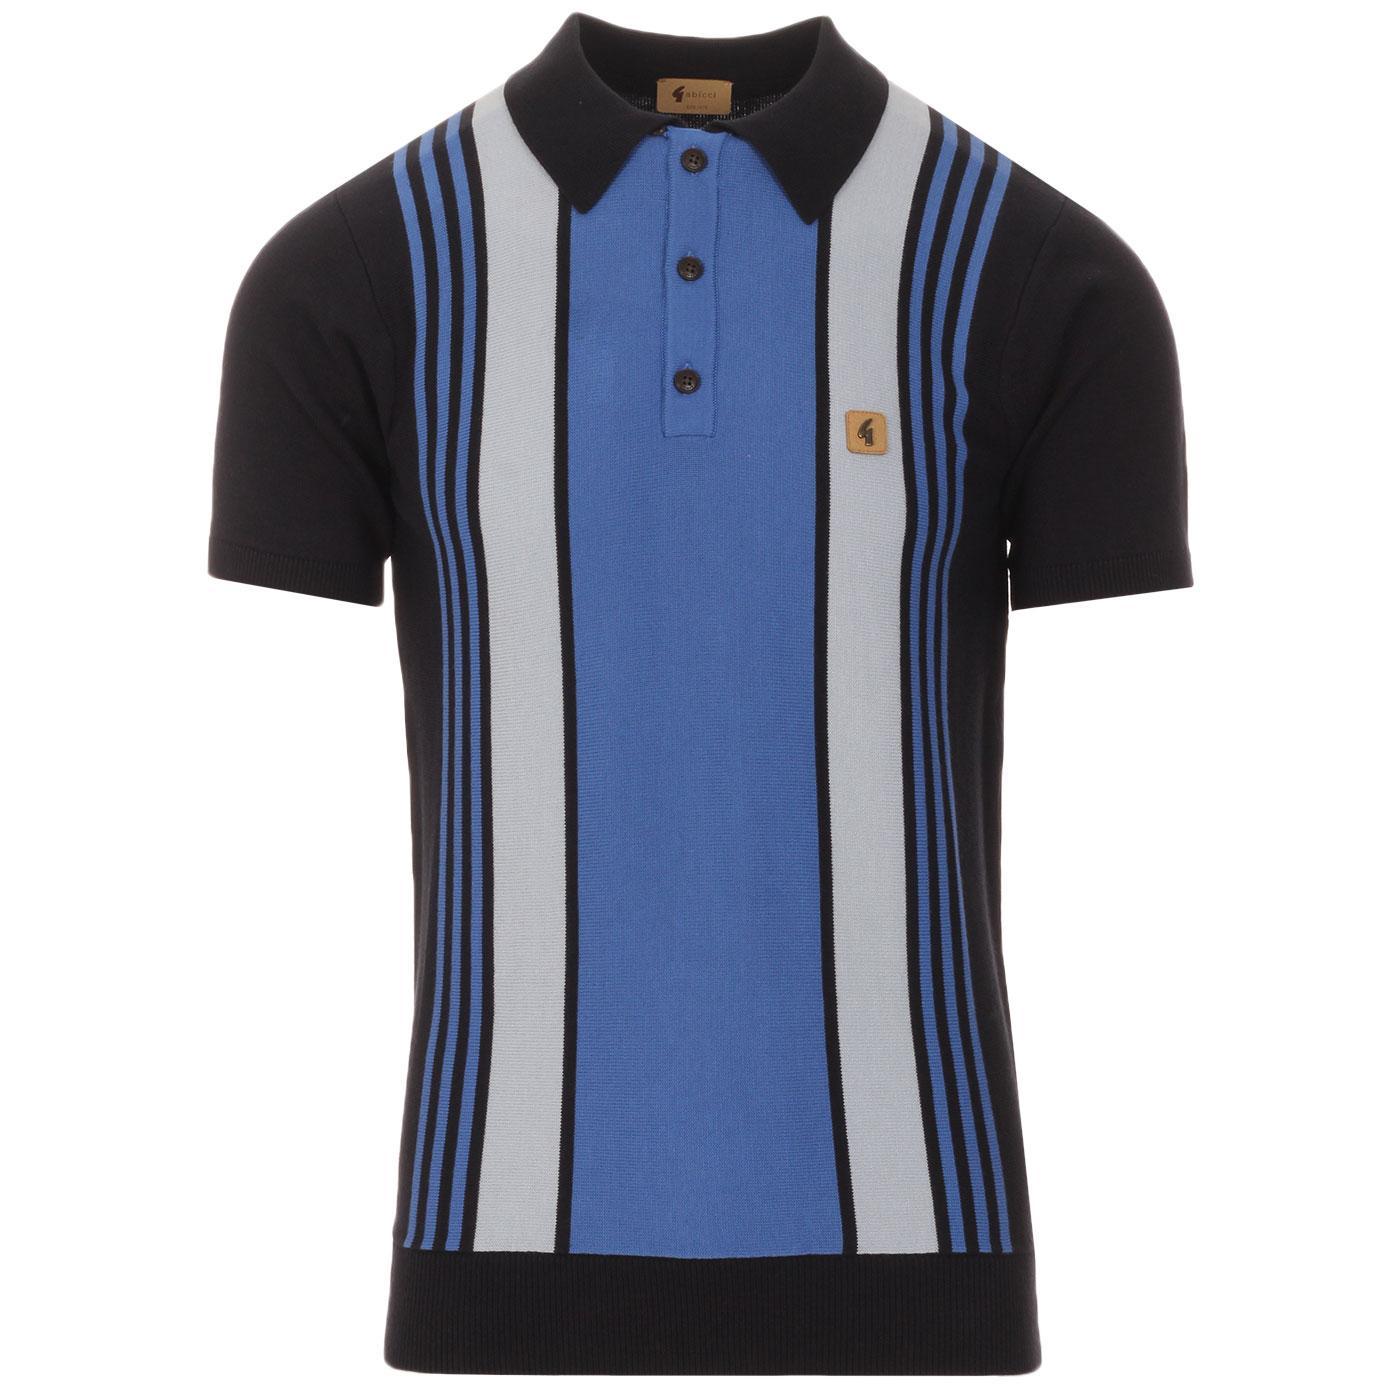 Searle GABICCI VINTAGE Mod Stripe Knit Polo N/C/I